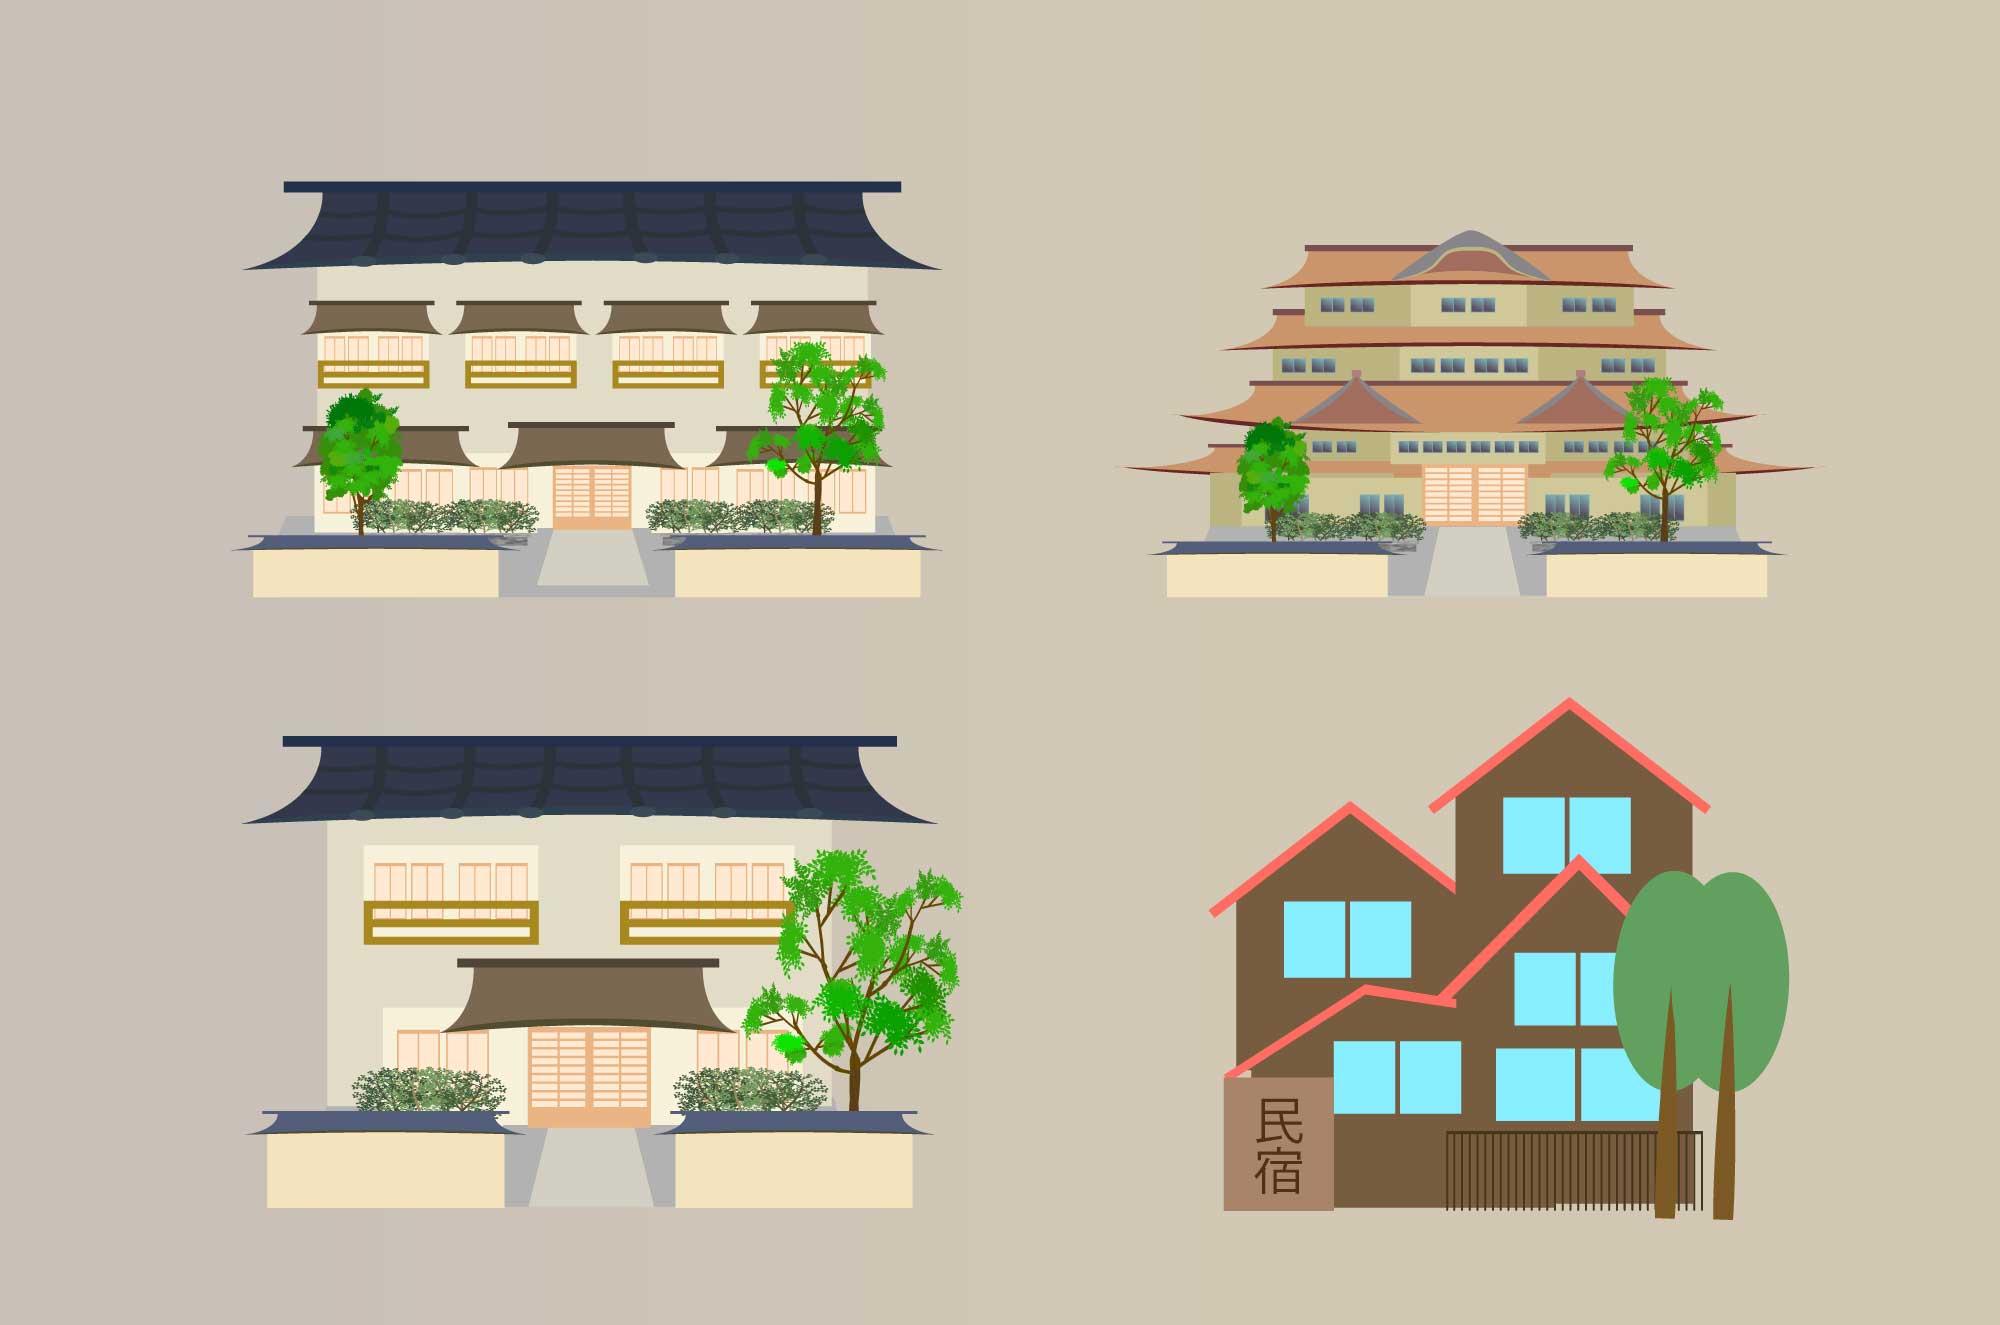 旅館・民宿のイラスト - 無料の古風な建物フリー素材